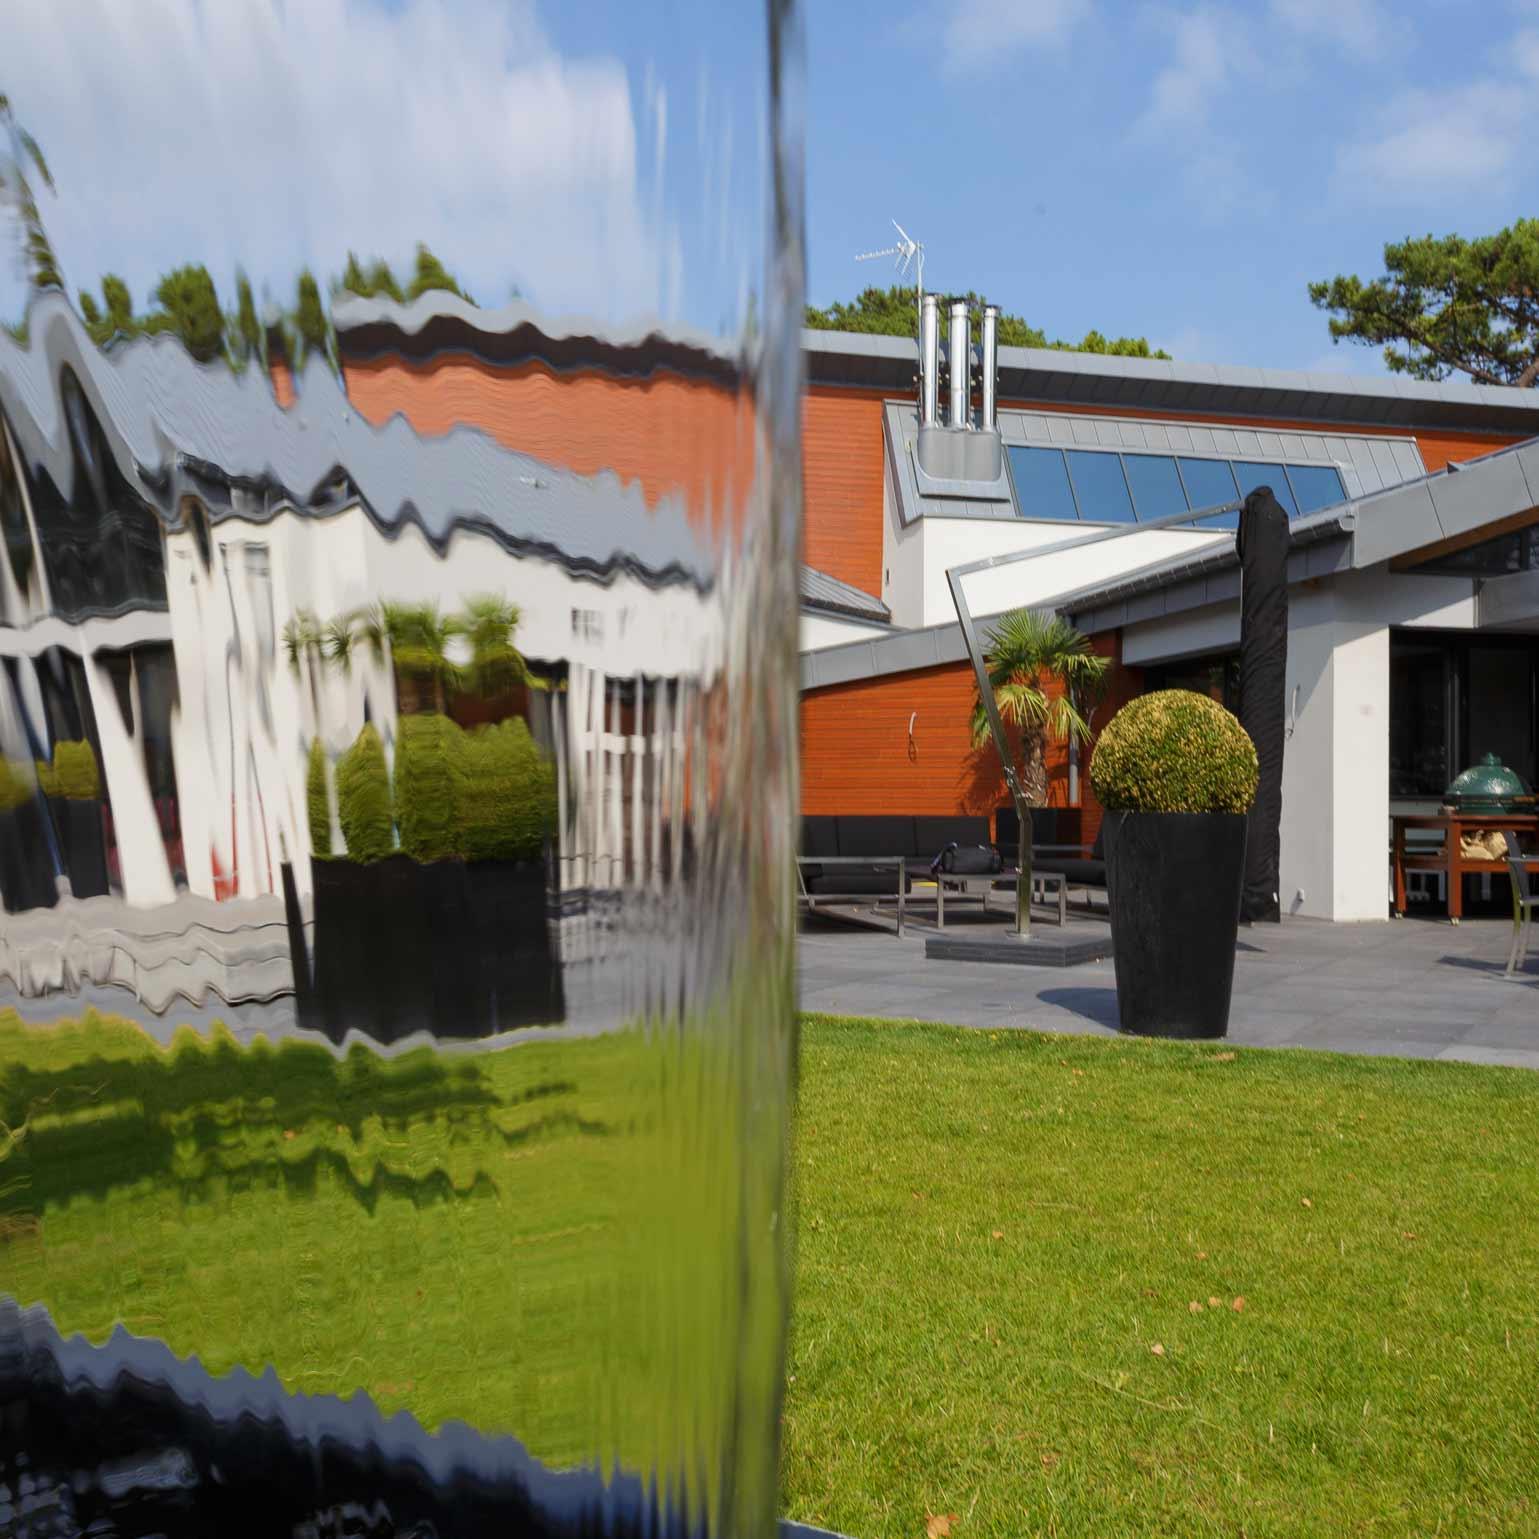 amenagements-paysagers-bassin-fontaine-eau_villa-le-touquet_par-nature-et-jardin-paysagistes-des-hauts-de-france_photo_robin.pirez_1539x1539px